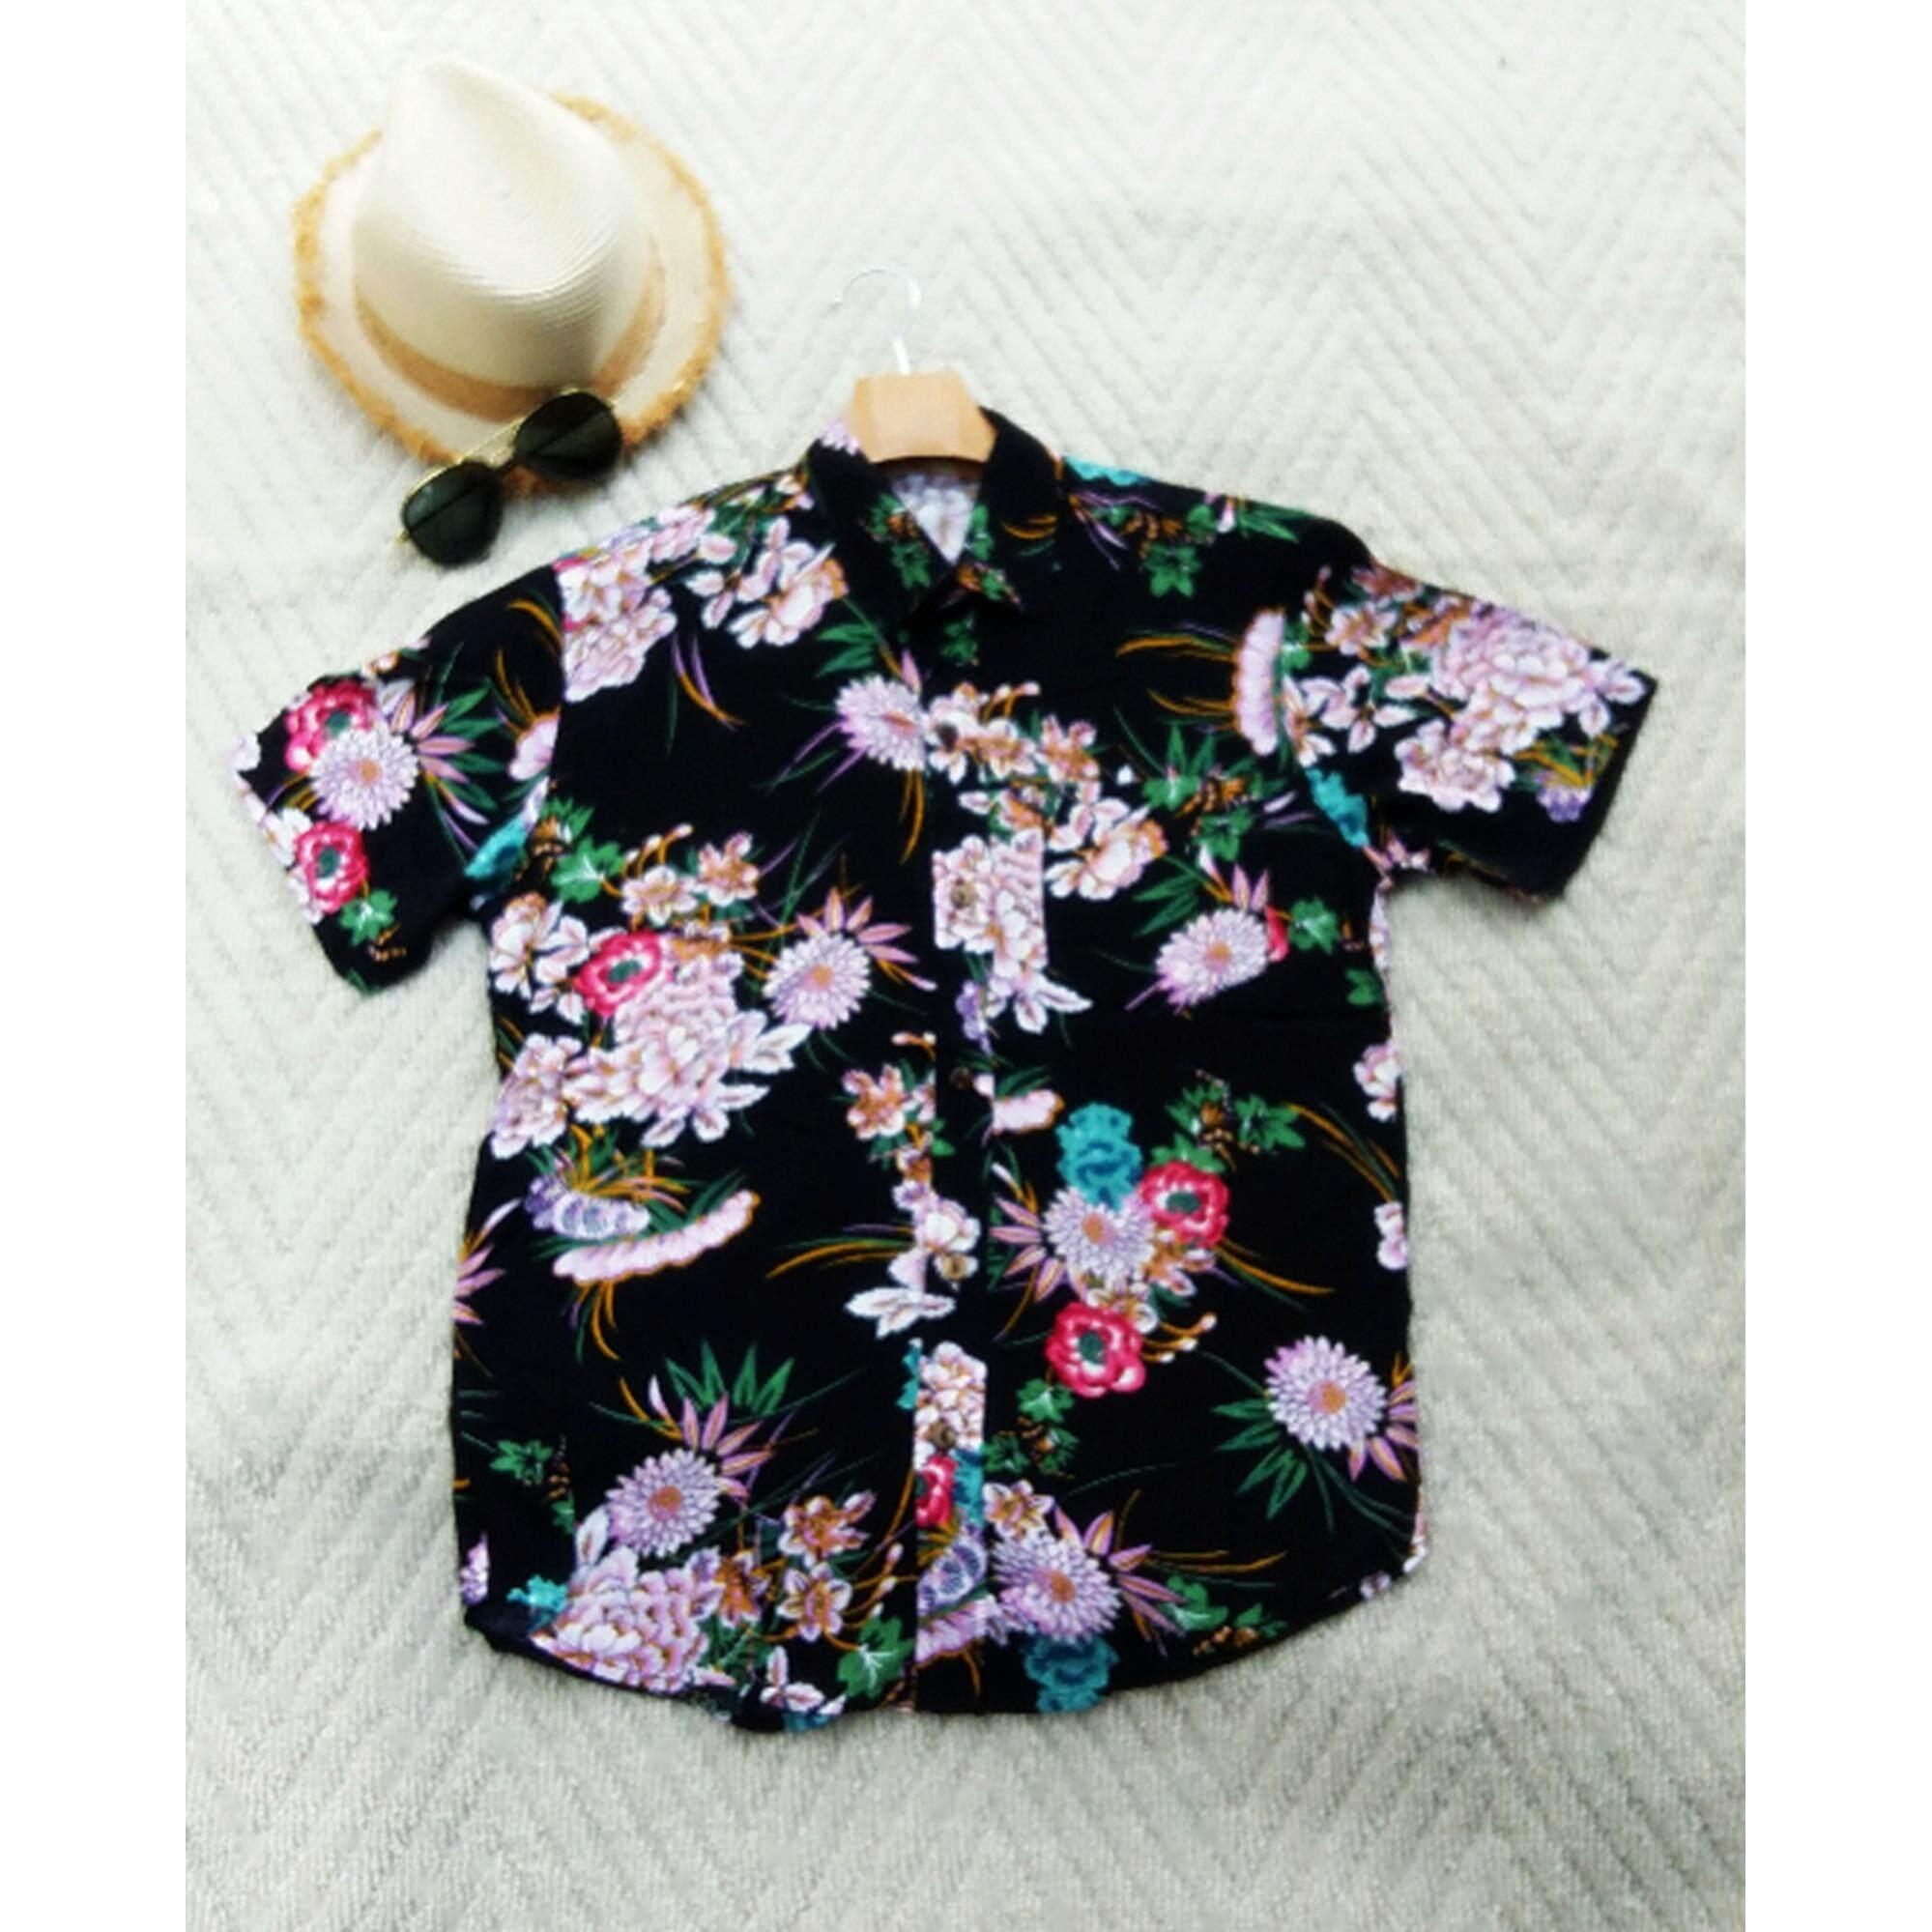 ซื้อ Mama Shop เสื้อเซิ้ตฮาวาย พิมพ์ลายดอกสีชมพูขาว พื้นดำ คอปก ไซส์ M ผ้านิ่มใส่สบาย รุ่น Mb 071 ออนไลน์ Thailand